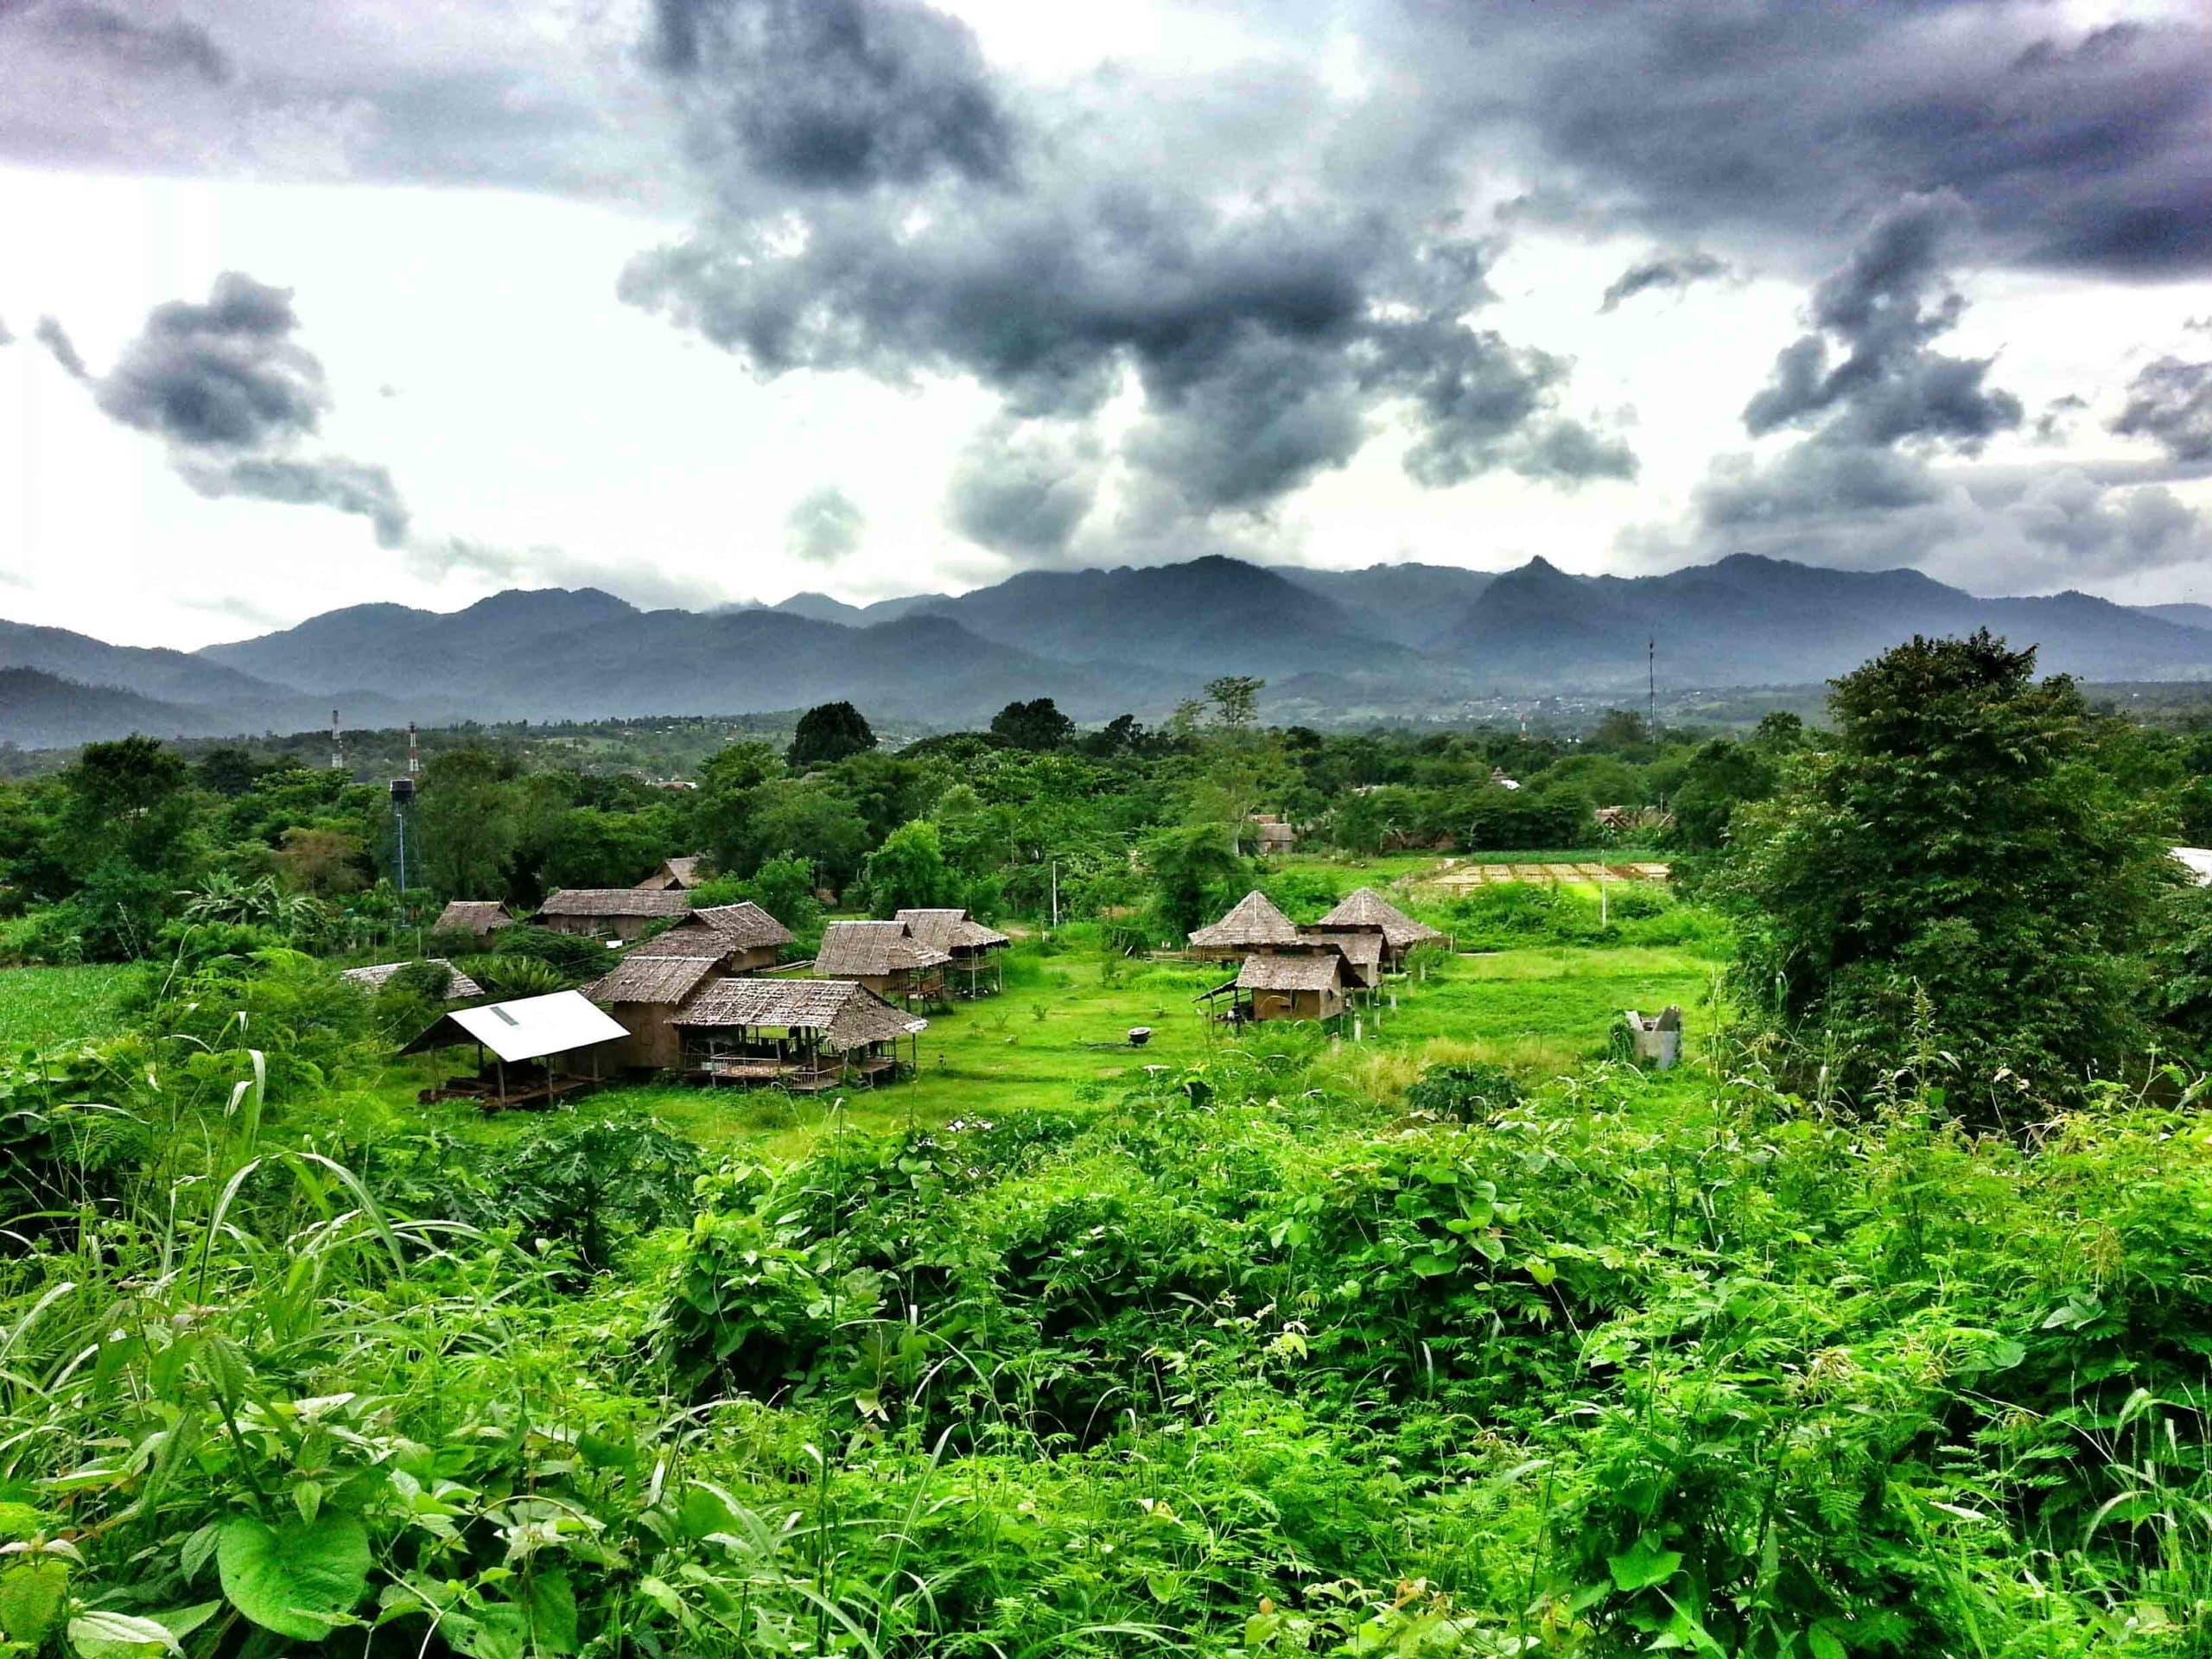 voyager pai dans le nord de la thailande. Black Bedroom Furniture Sets. Home Design Ideas